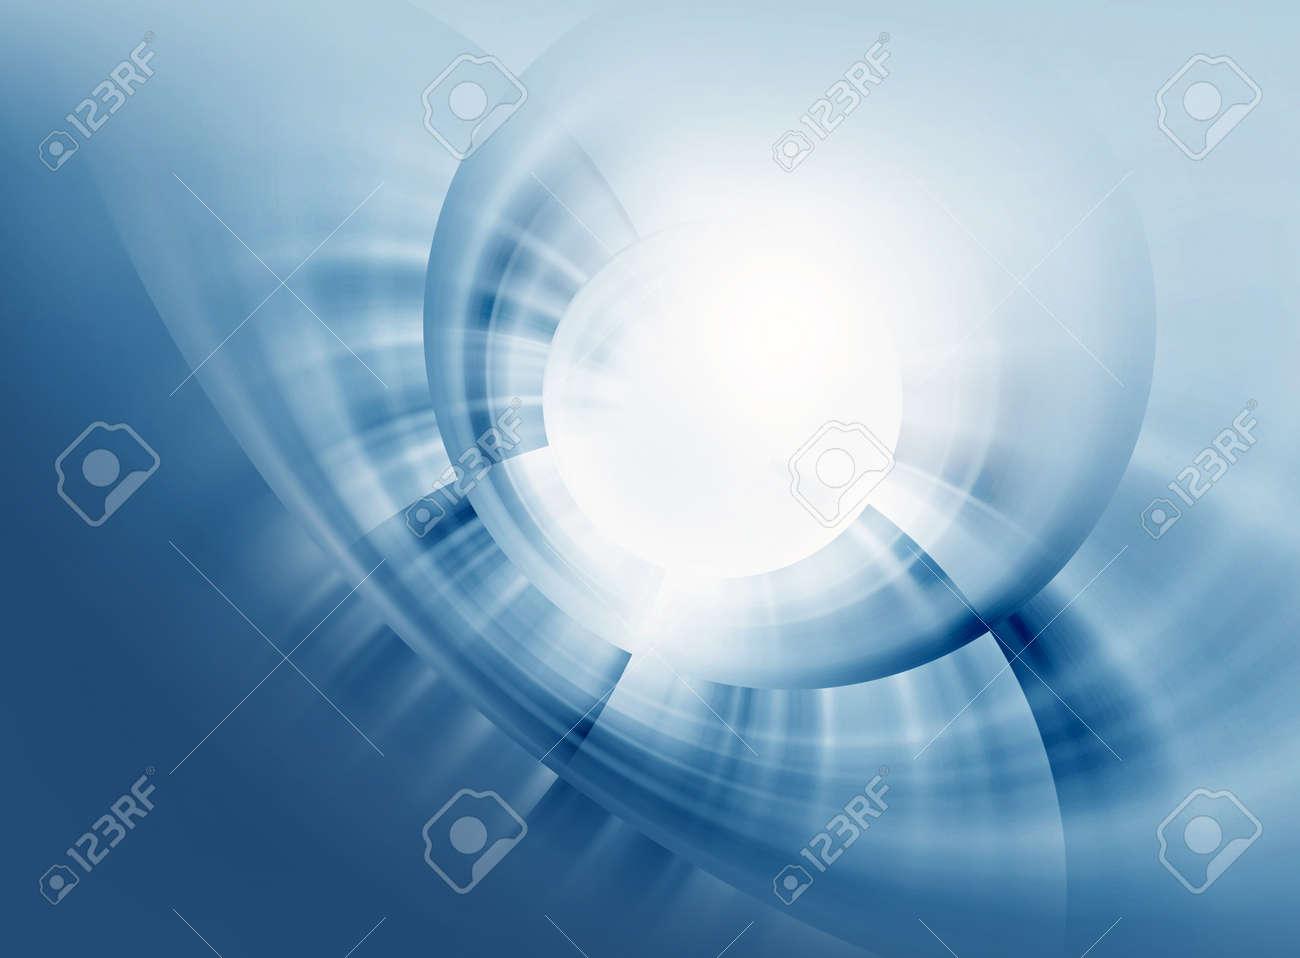 Abstract Blue Graphiques Arriere Plan Pour Des Uvres Dart De Conception